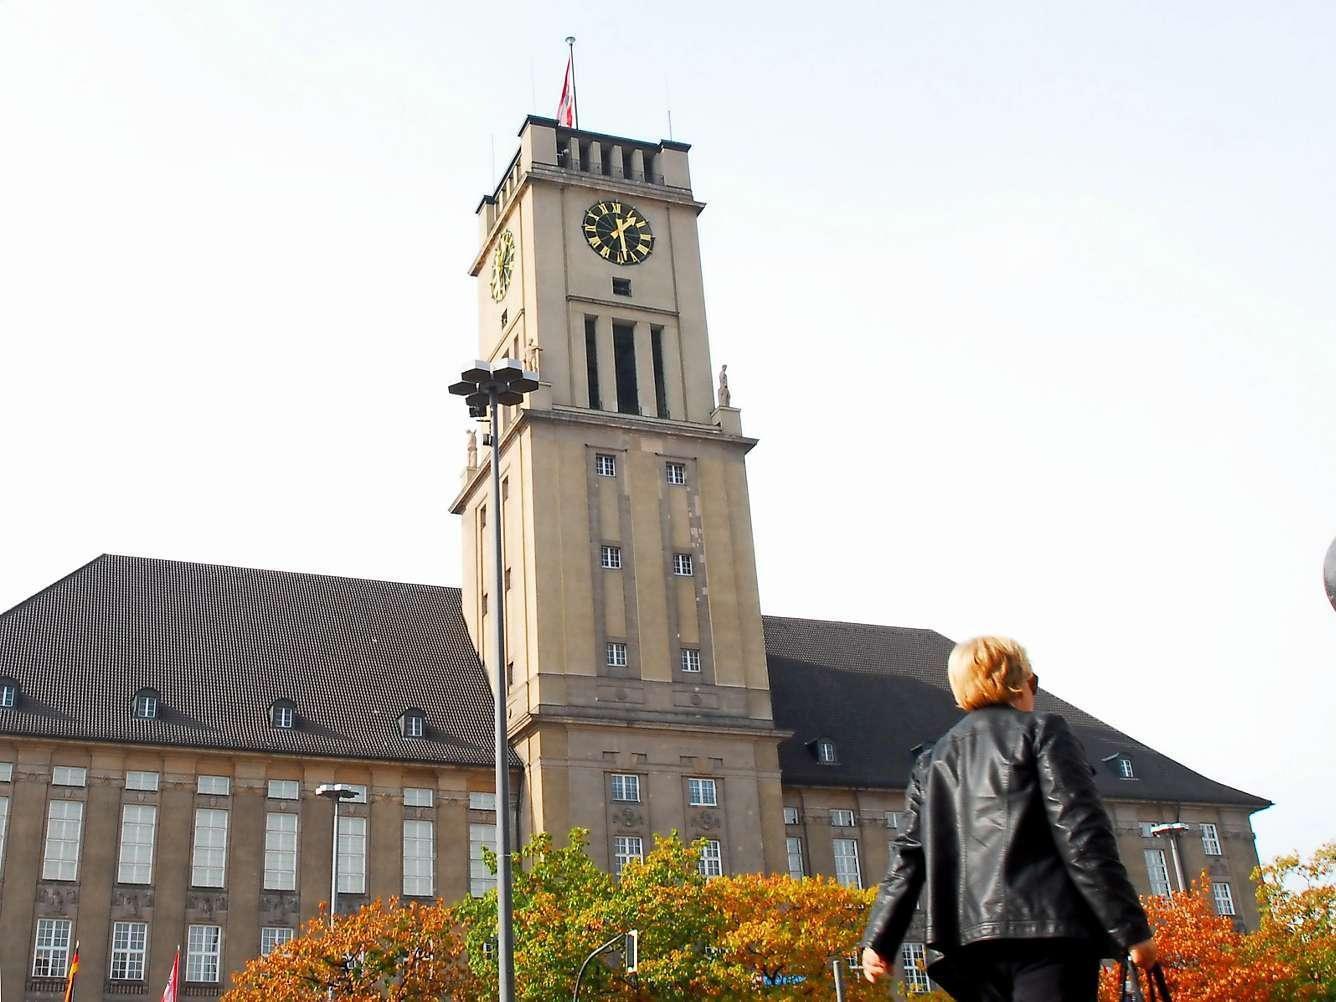 Wahrzeichen mit Glockenturm: Das Rathaus Schöneberg wird 100 Jahre alt.